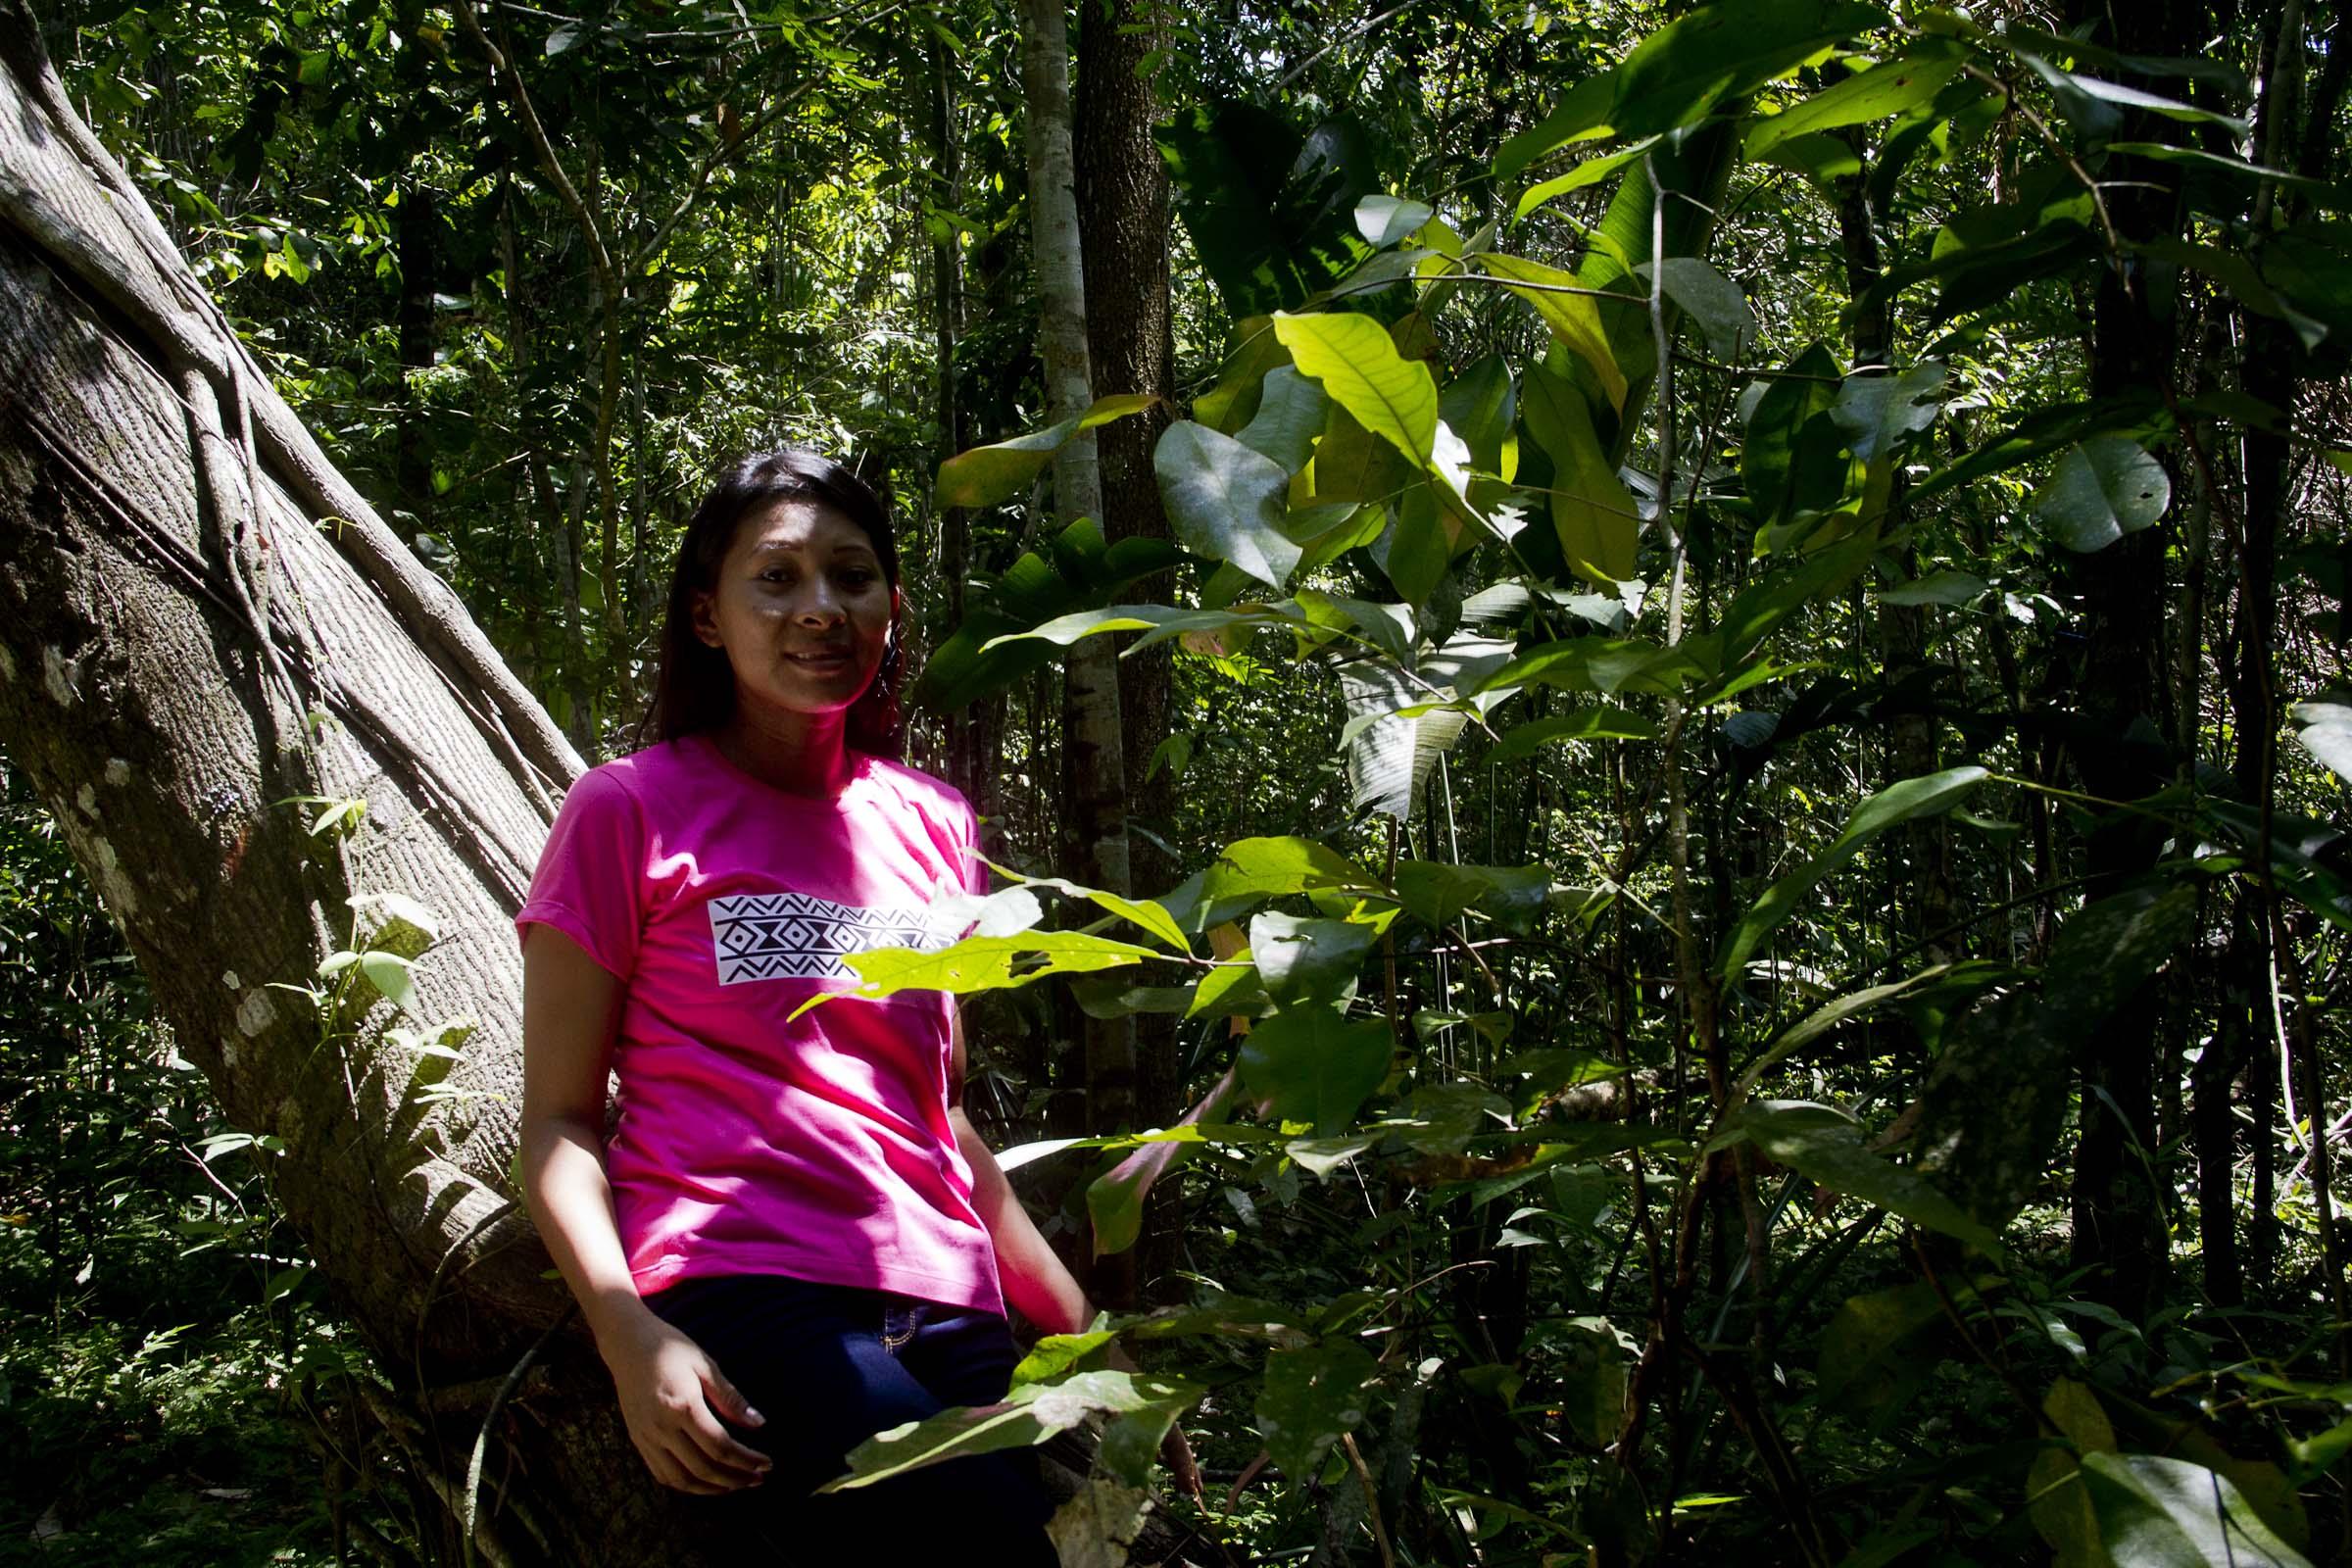 Vendas de camisas com desenho da etnia Tukano ajudam no estudo de indígenas